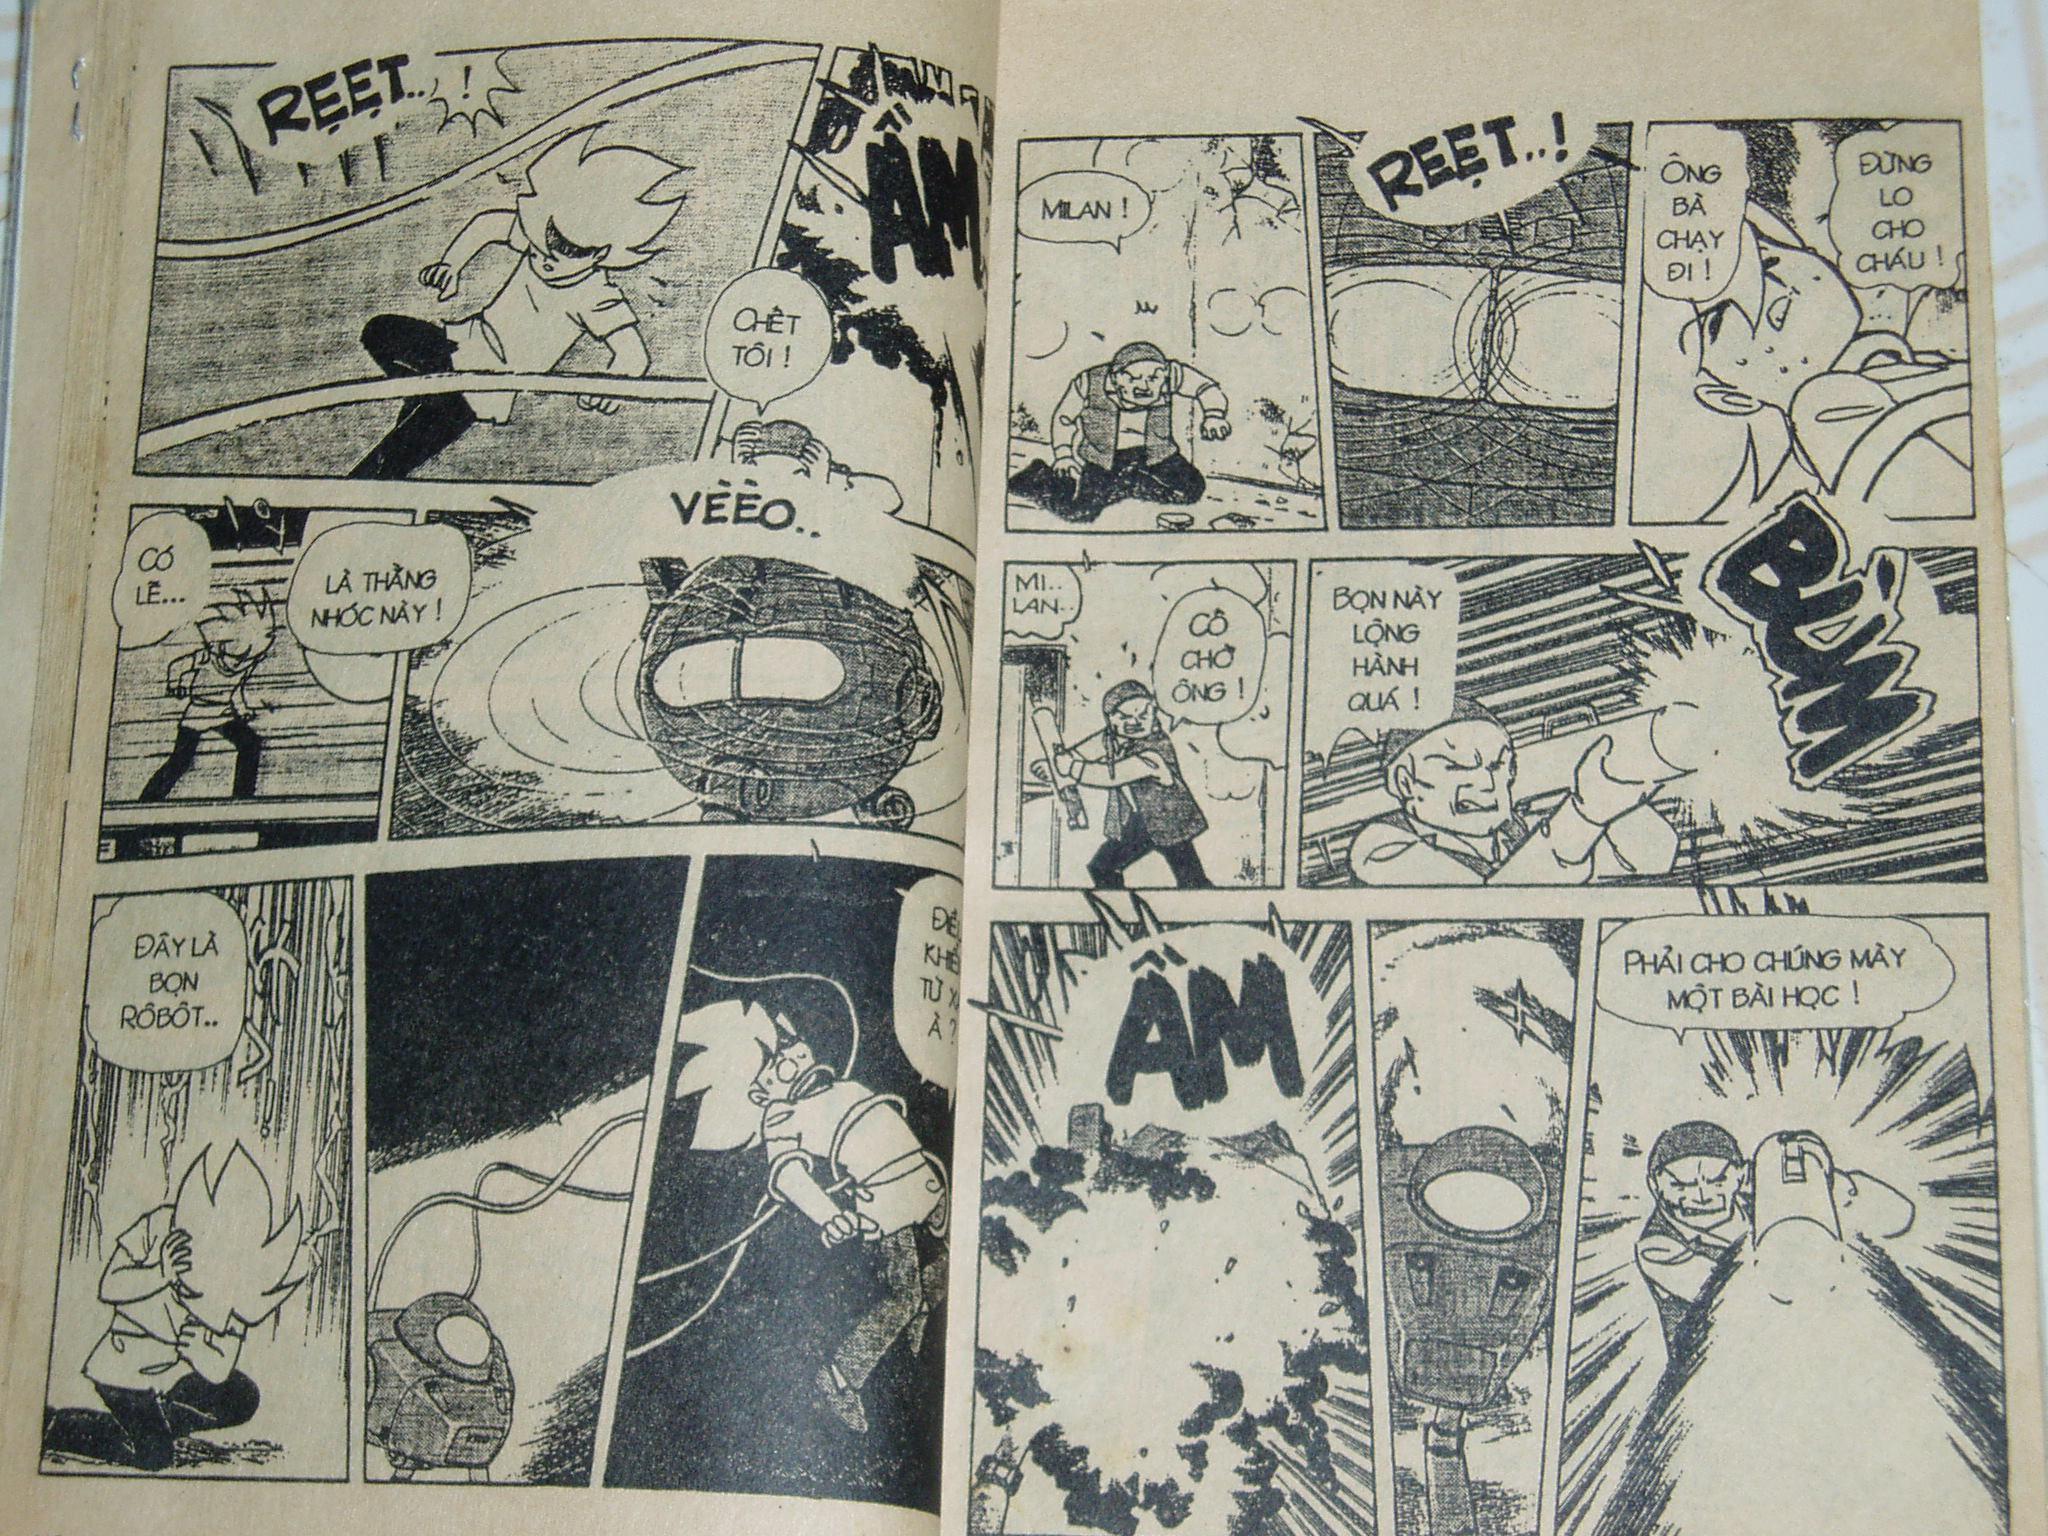 Siêu nhân Locke vol 18 trang 10